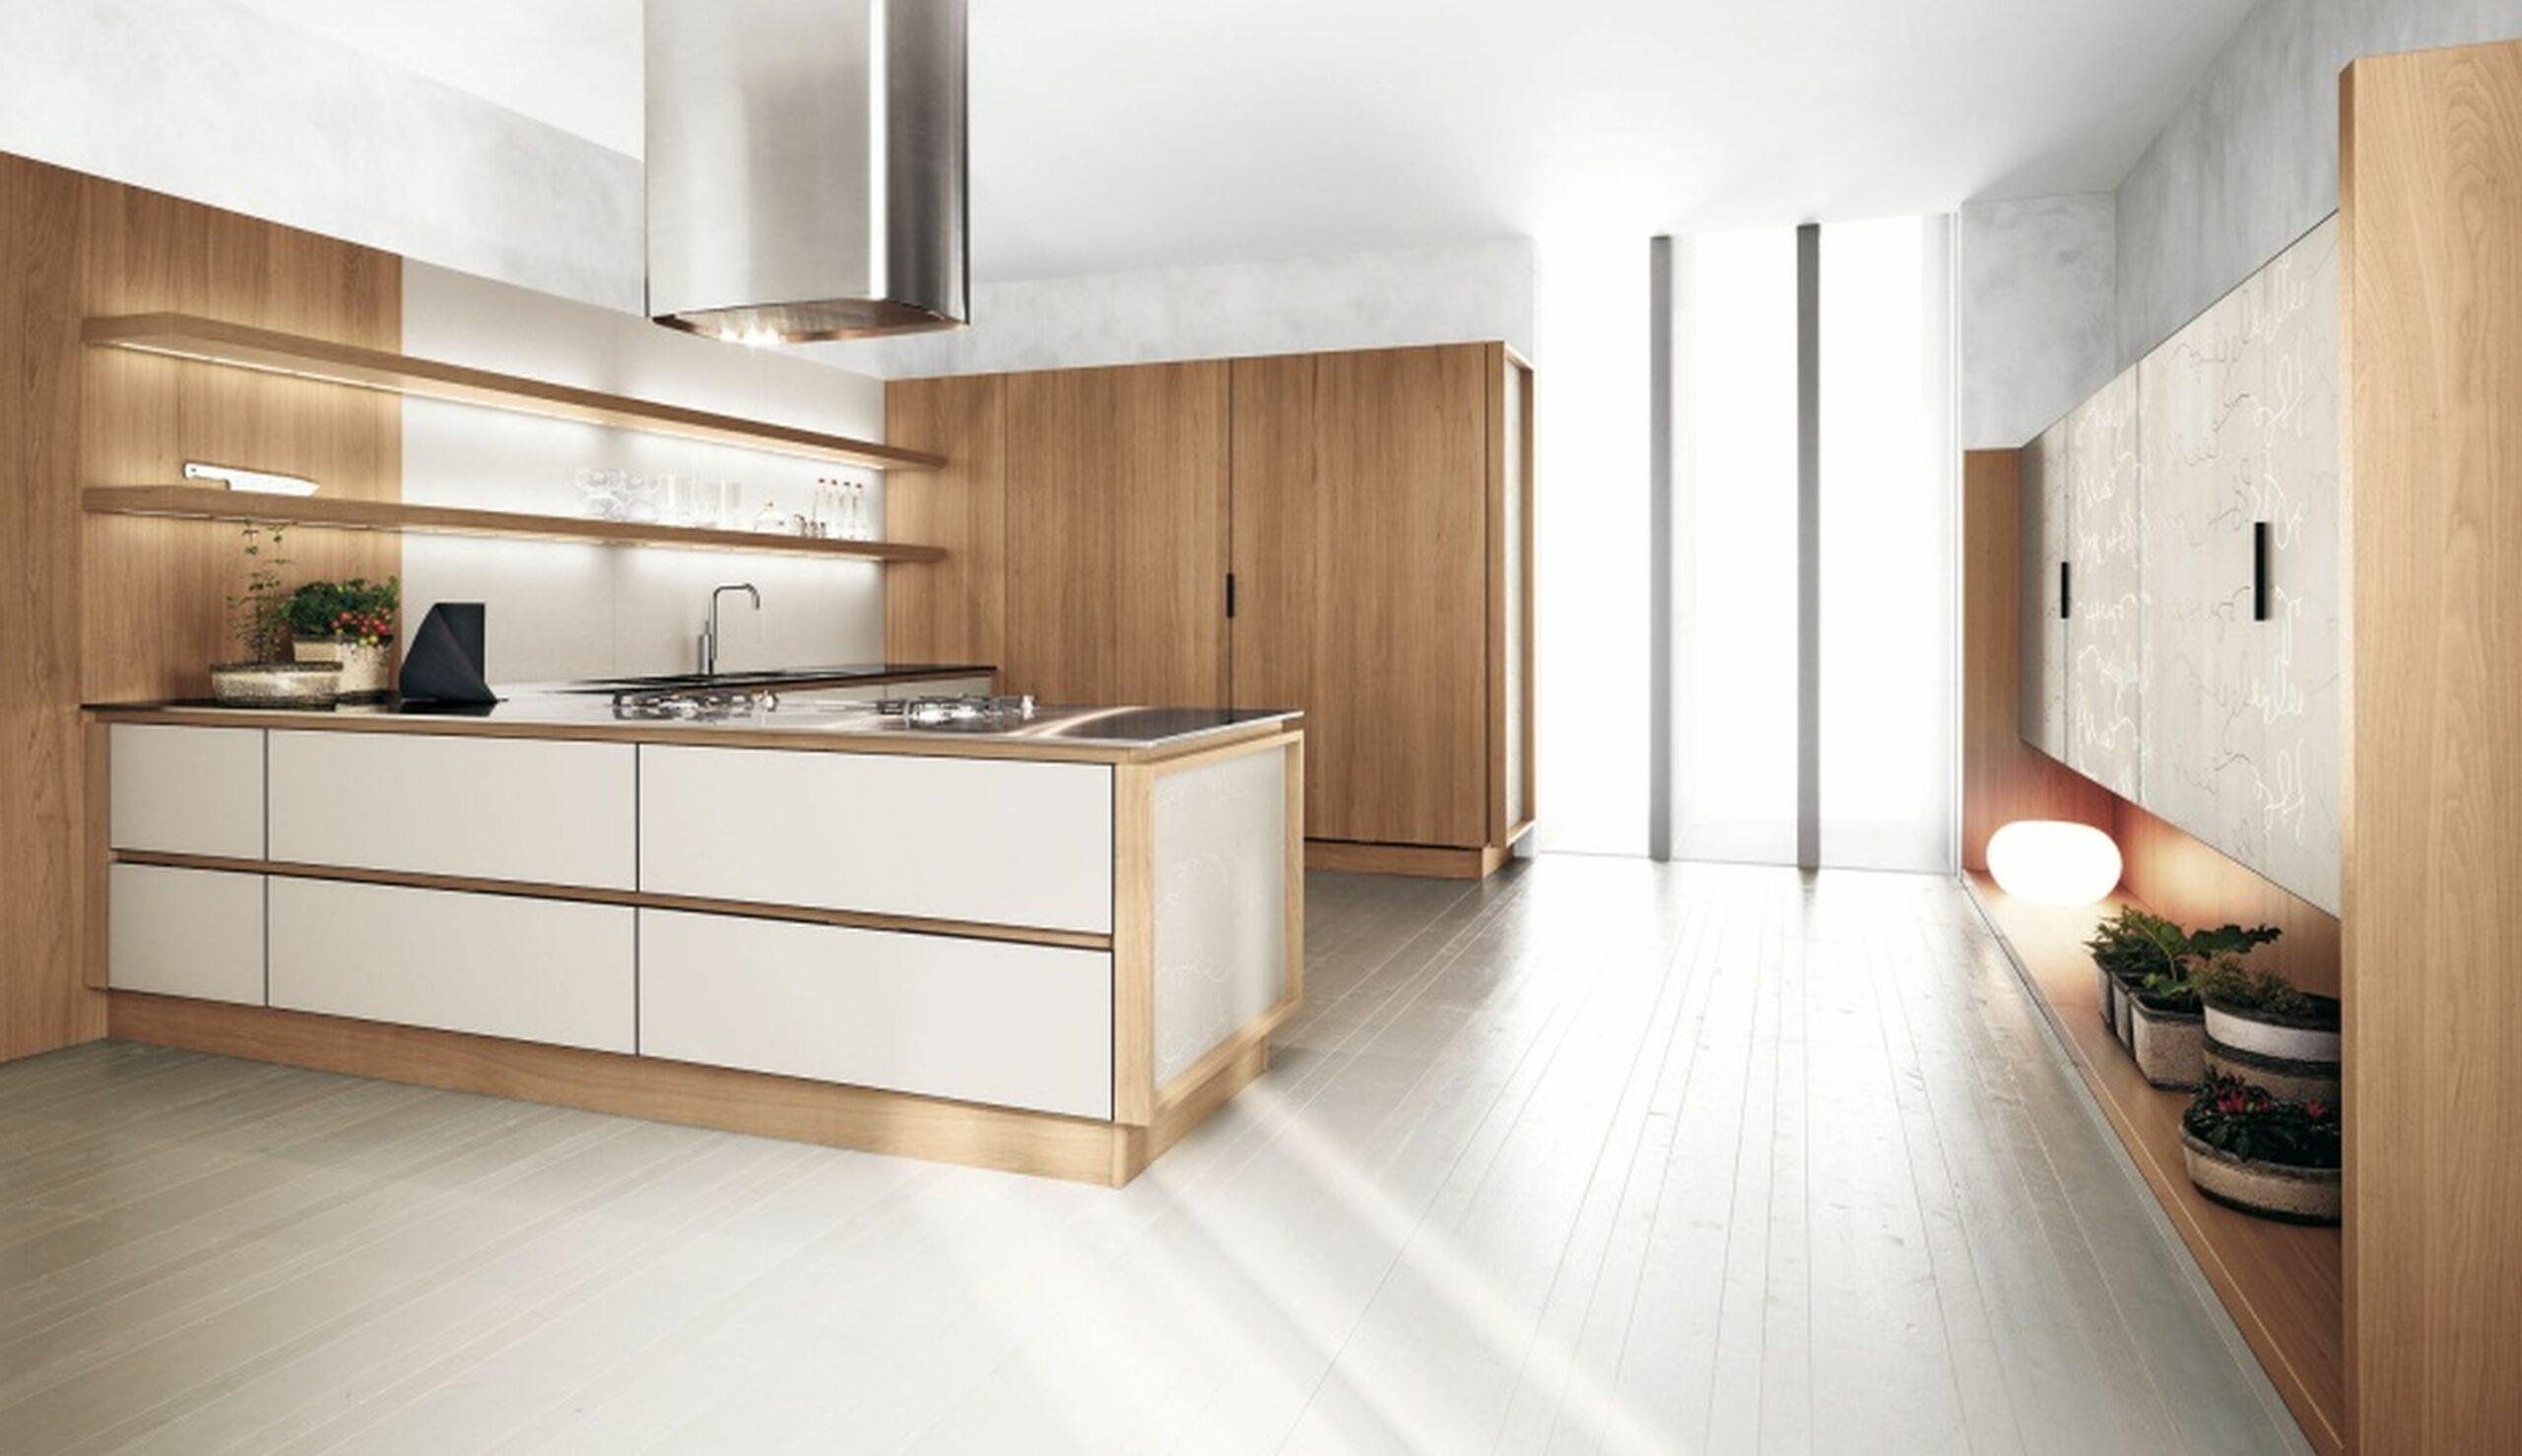 کابینت آشپزخانه اروپایی 15